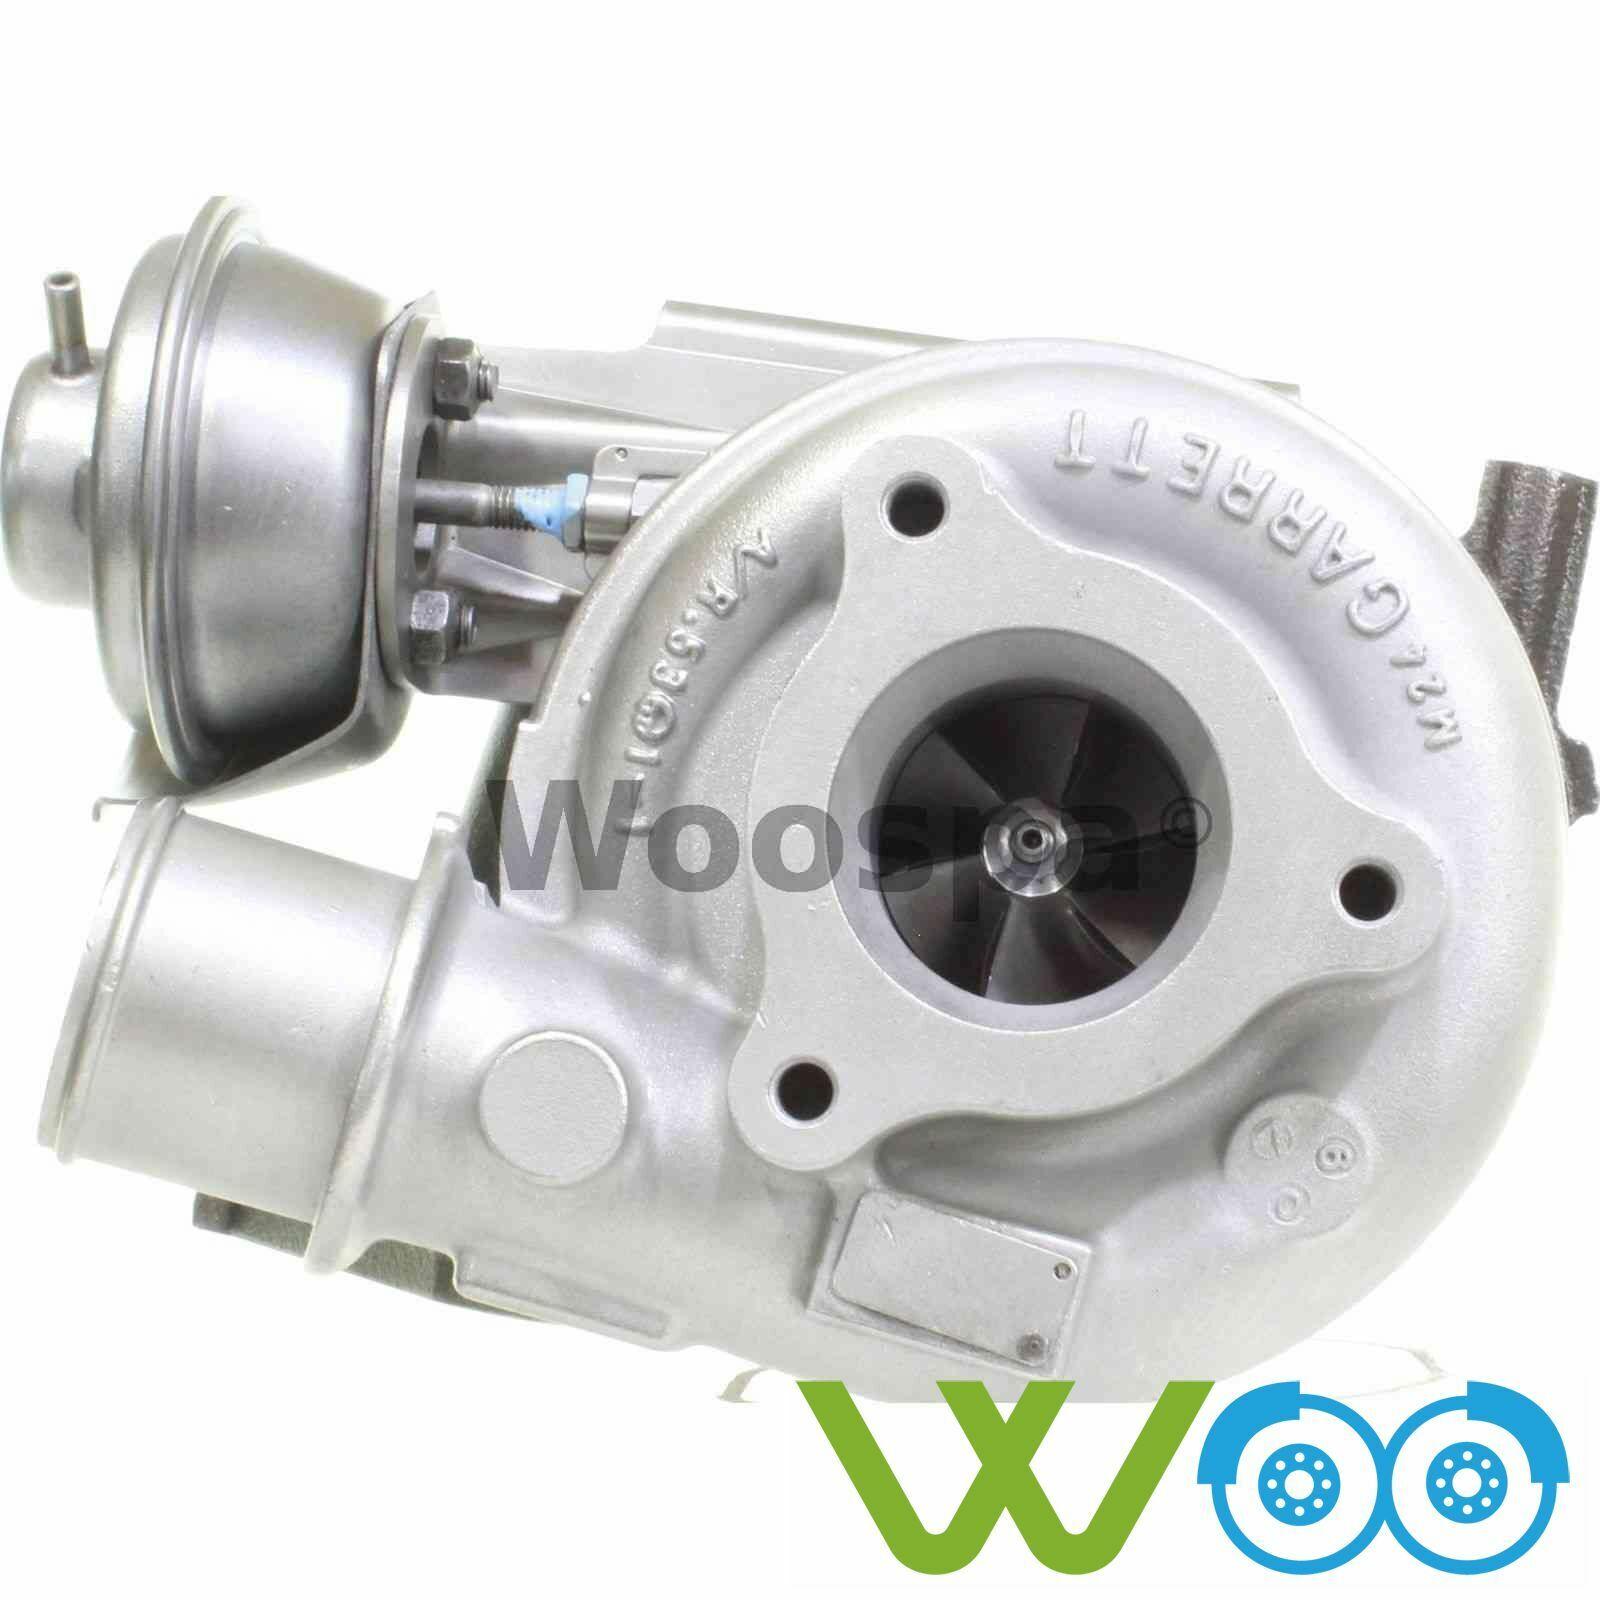 Turbolader Nissan Patrol GR Terrano II 3,0 DTi Di 4WD Y61 R20 ZD30DDTi Diesel